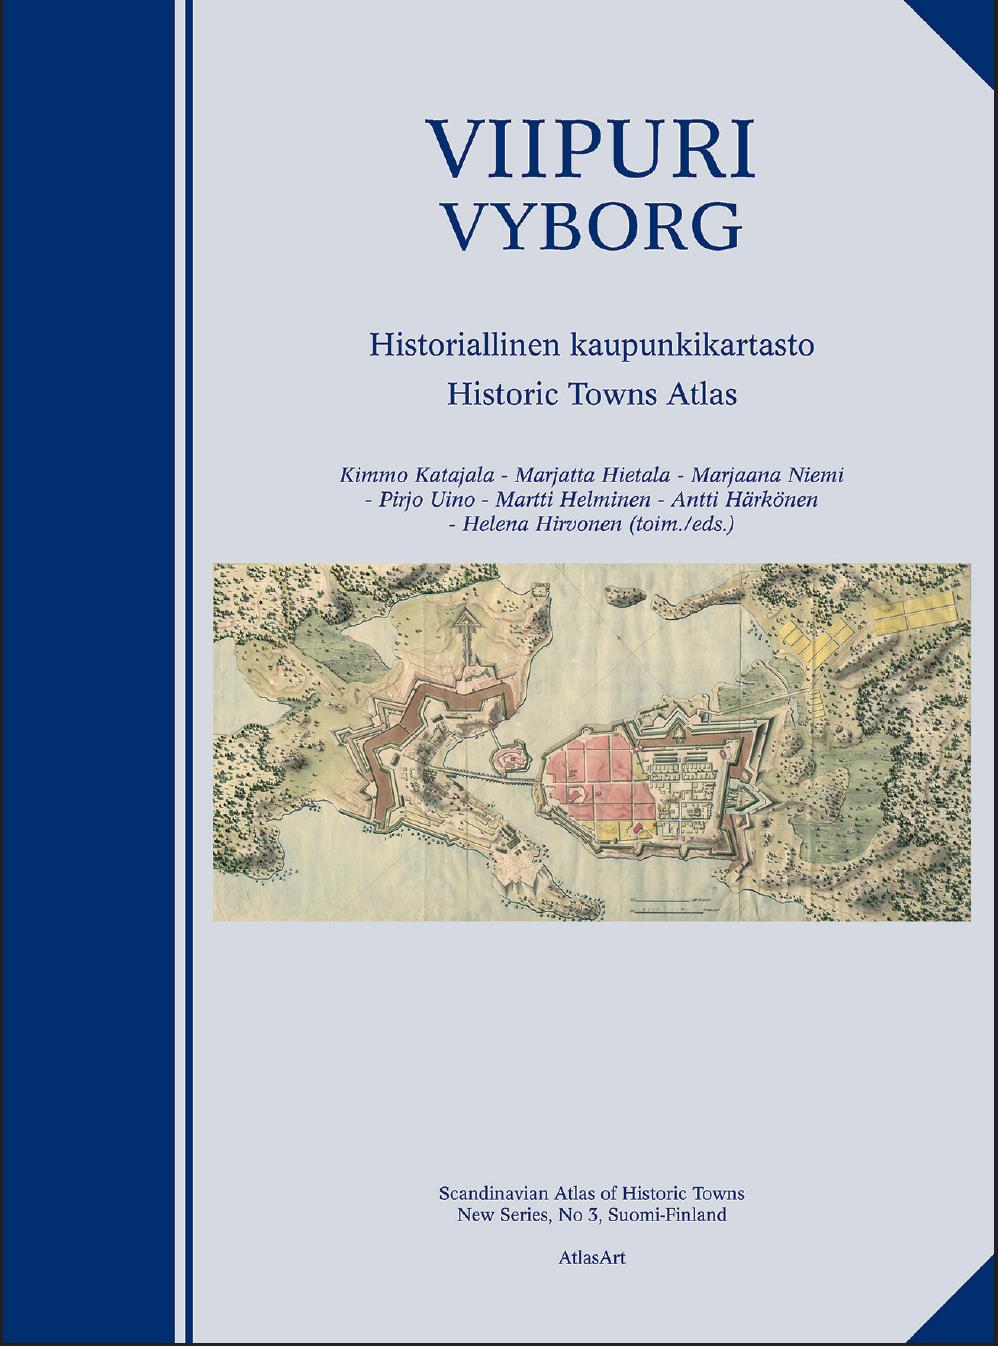 Viipuri - Vyborg. Historiallinen kaupunkikartasto - Historic Towns Atlas